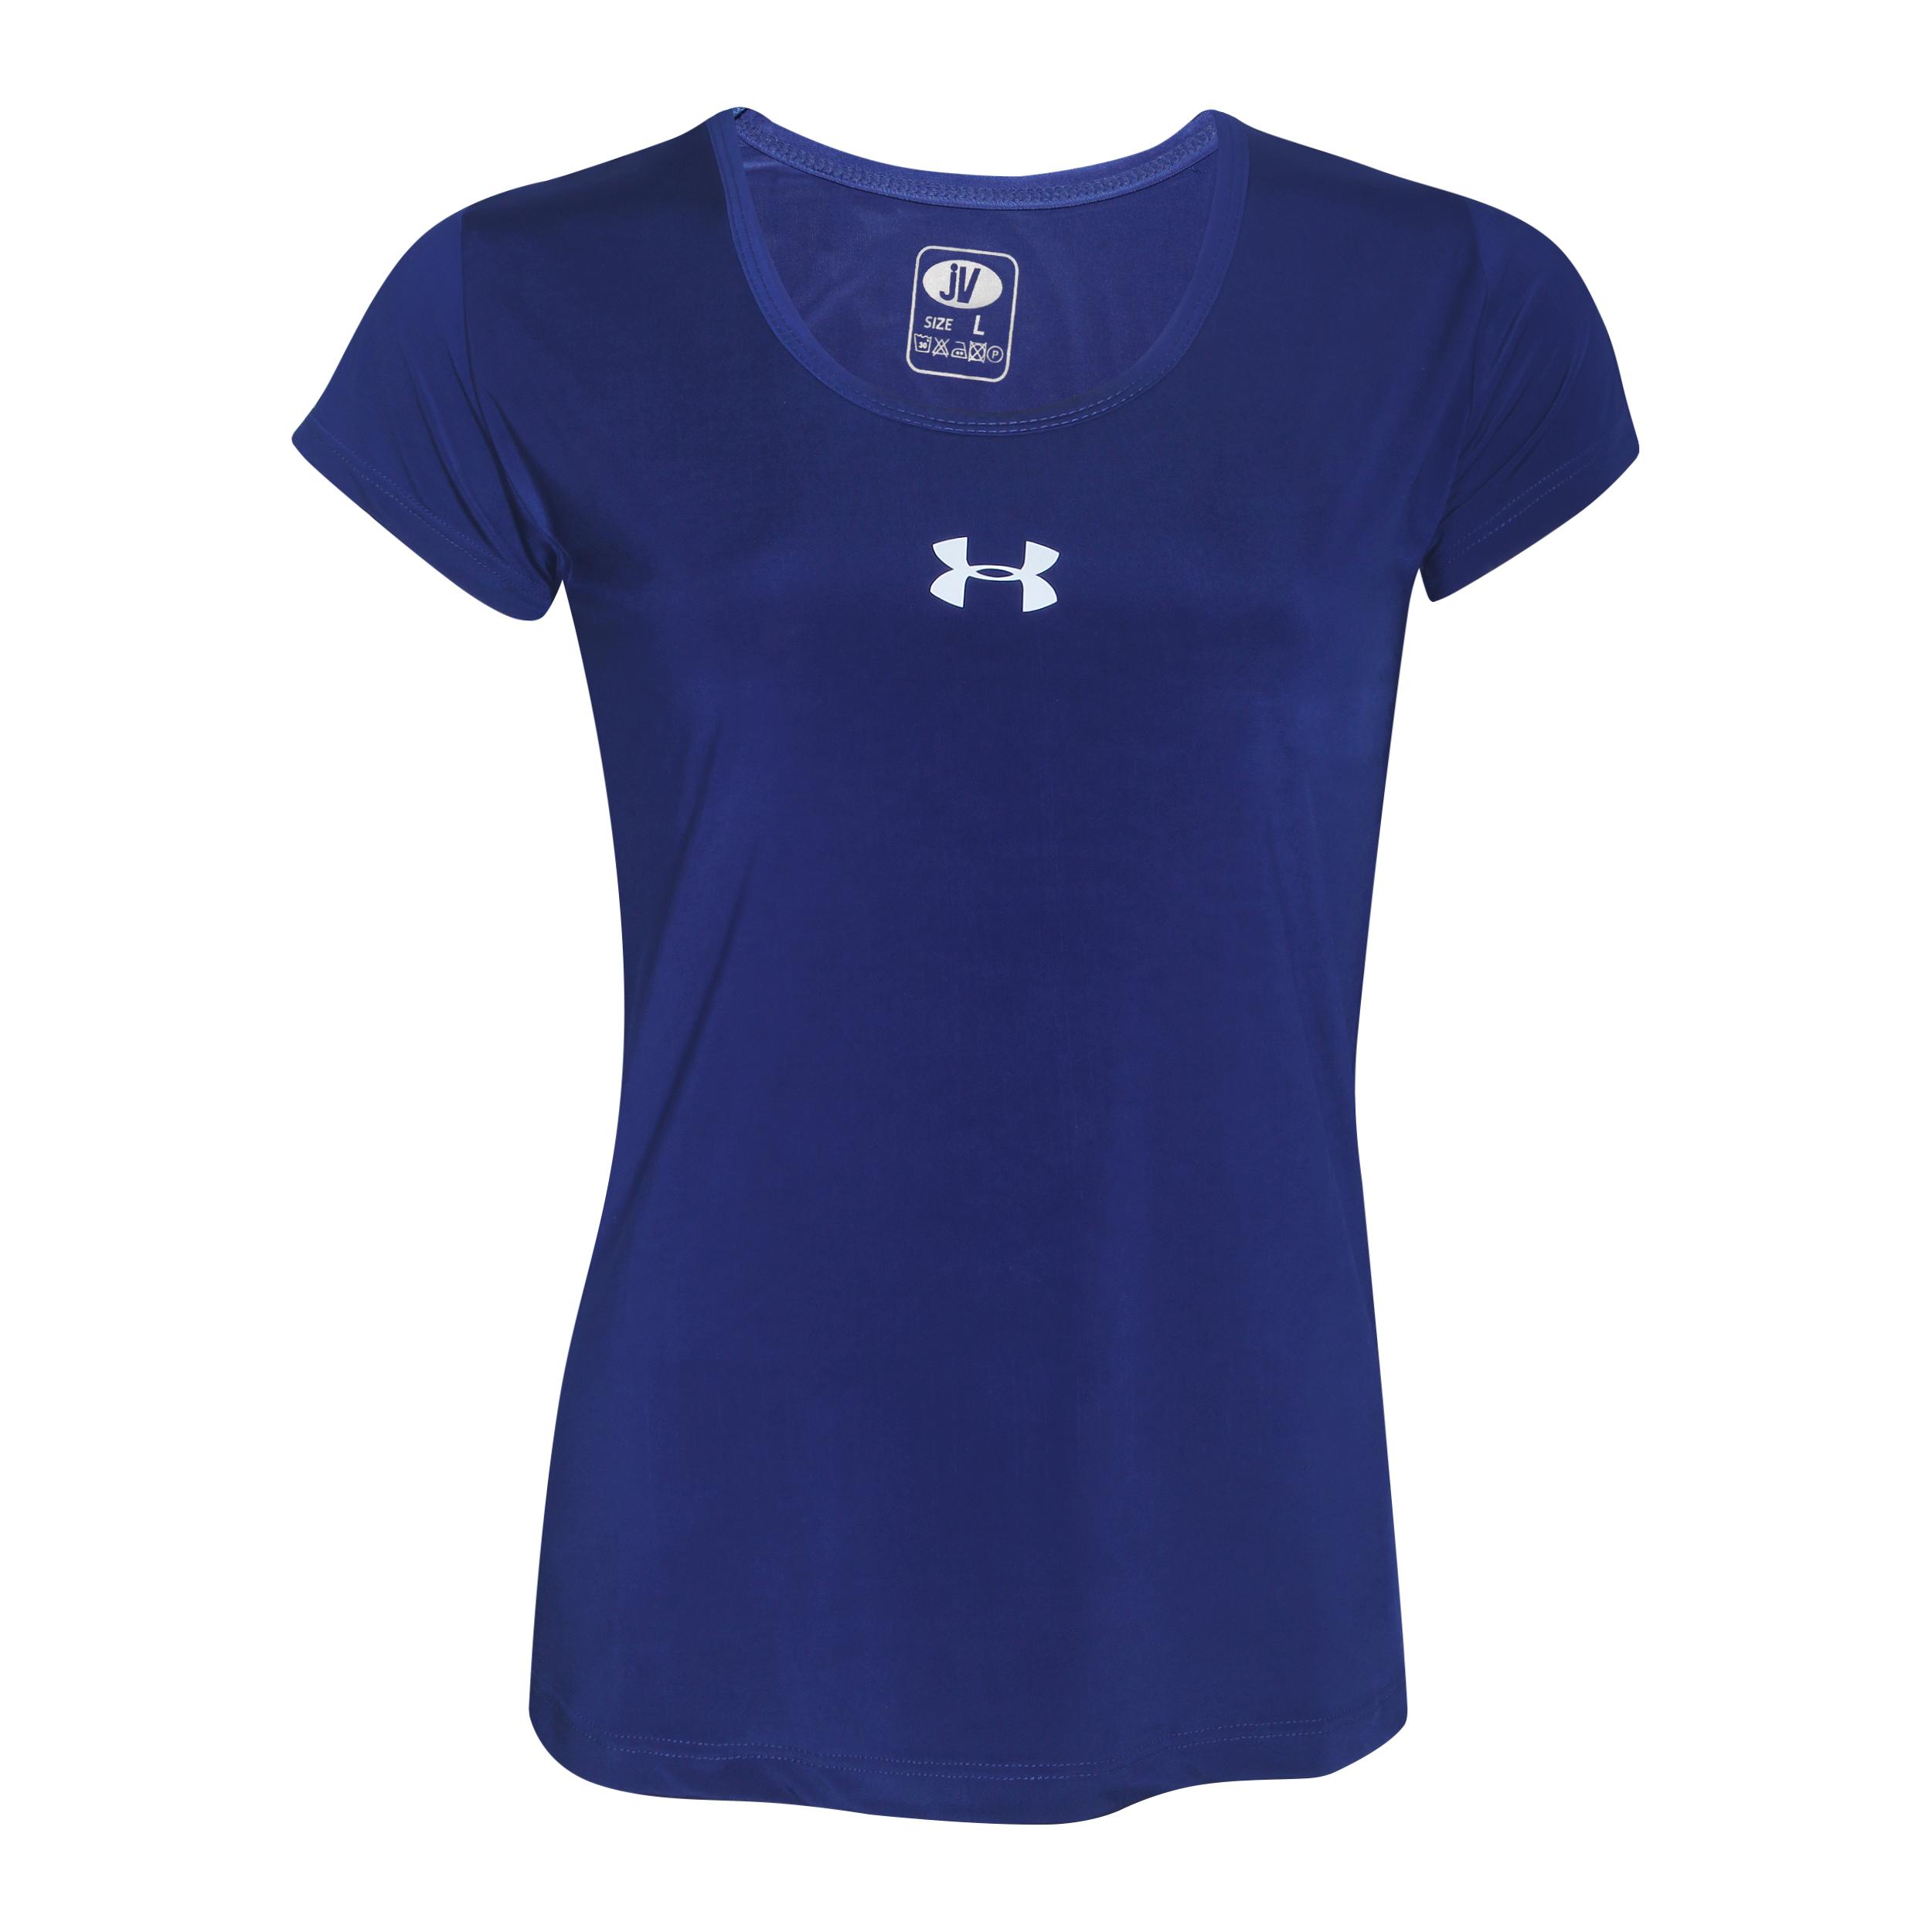 تیشرت ورزشی زنانه کد U0063ab